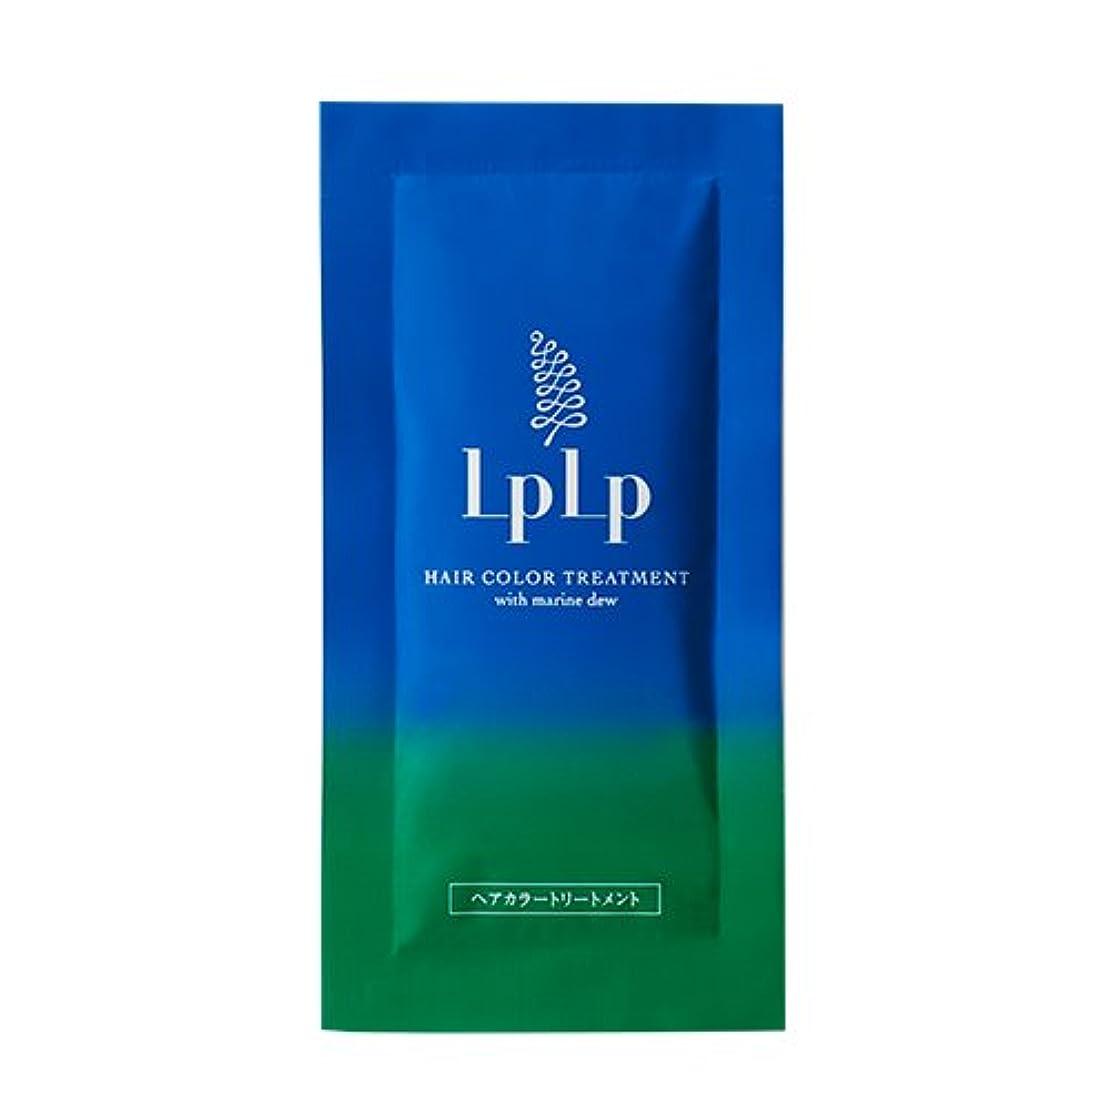 LPLP(ルプルプ)ヘアカラートリートメントお試しパウチ ブラウン